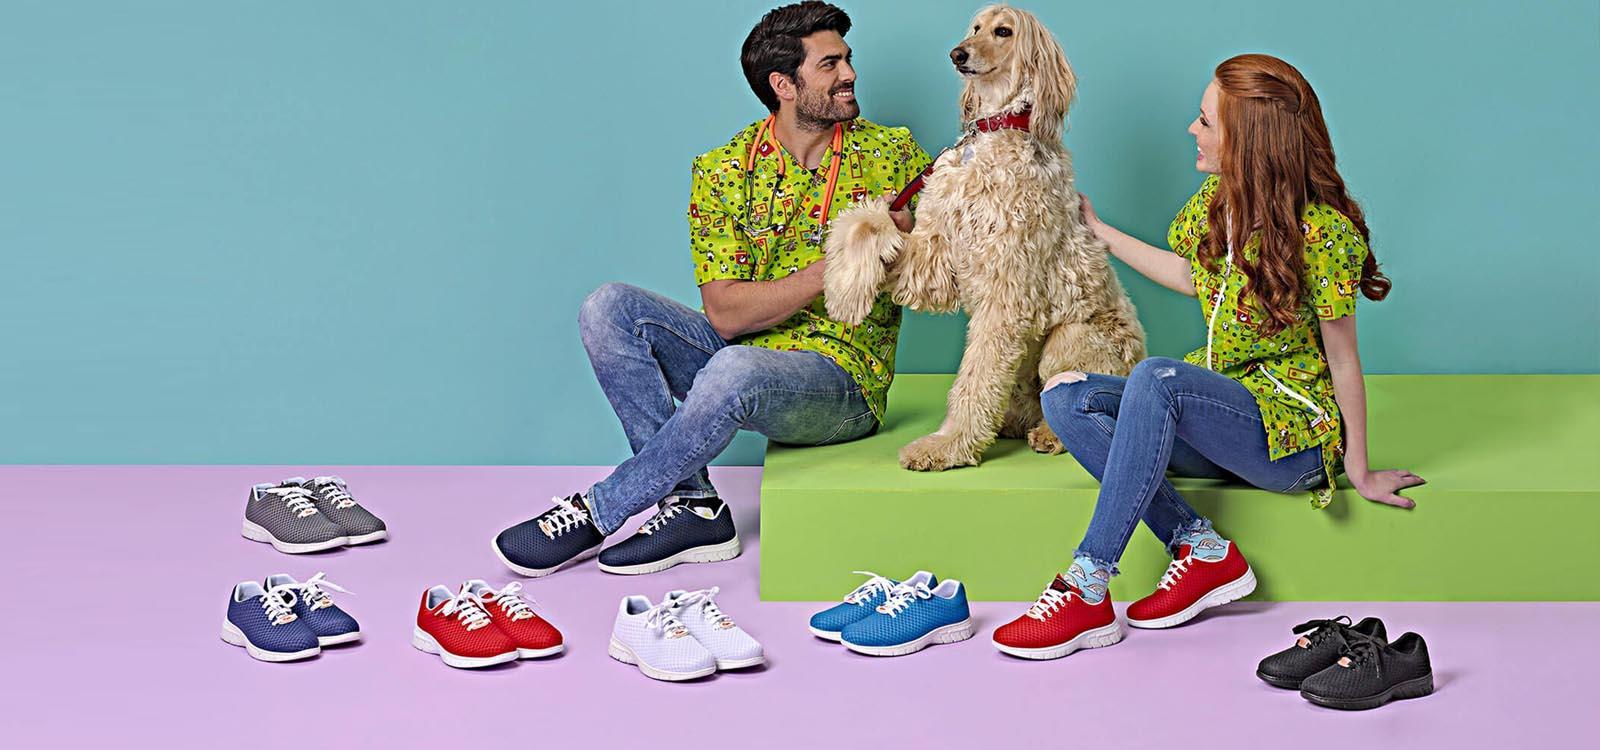 Chaussures Vetpro Kech